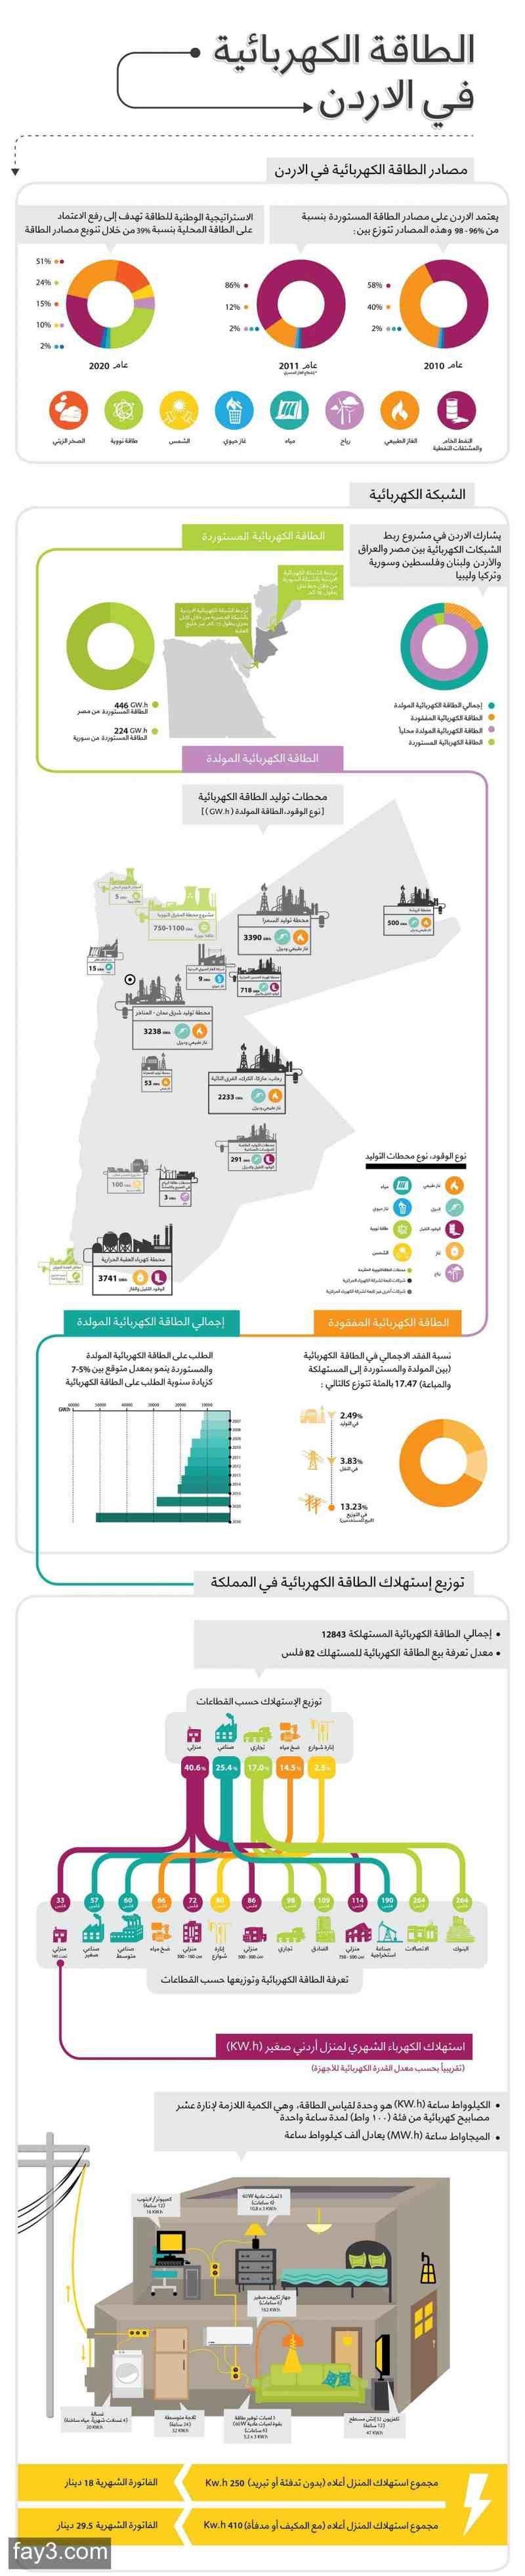 #انفوجرافيك الطاقة الكهربائية في الاردن